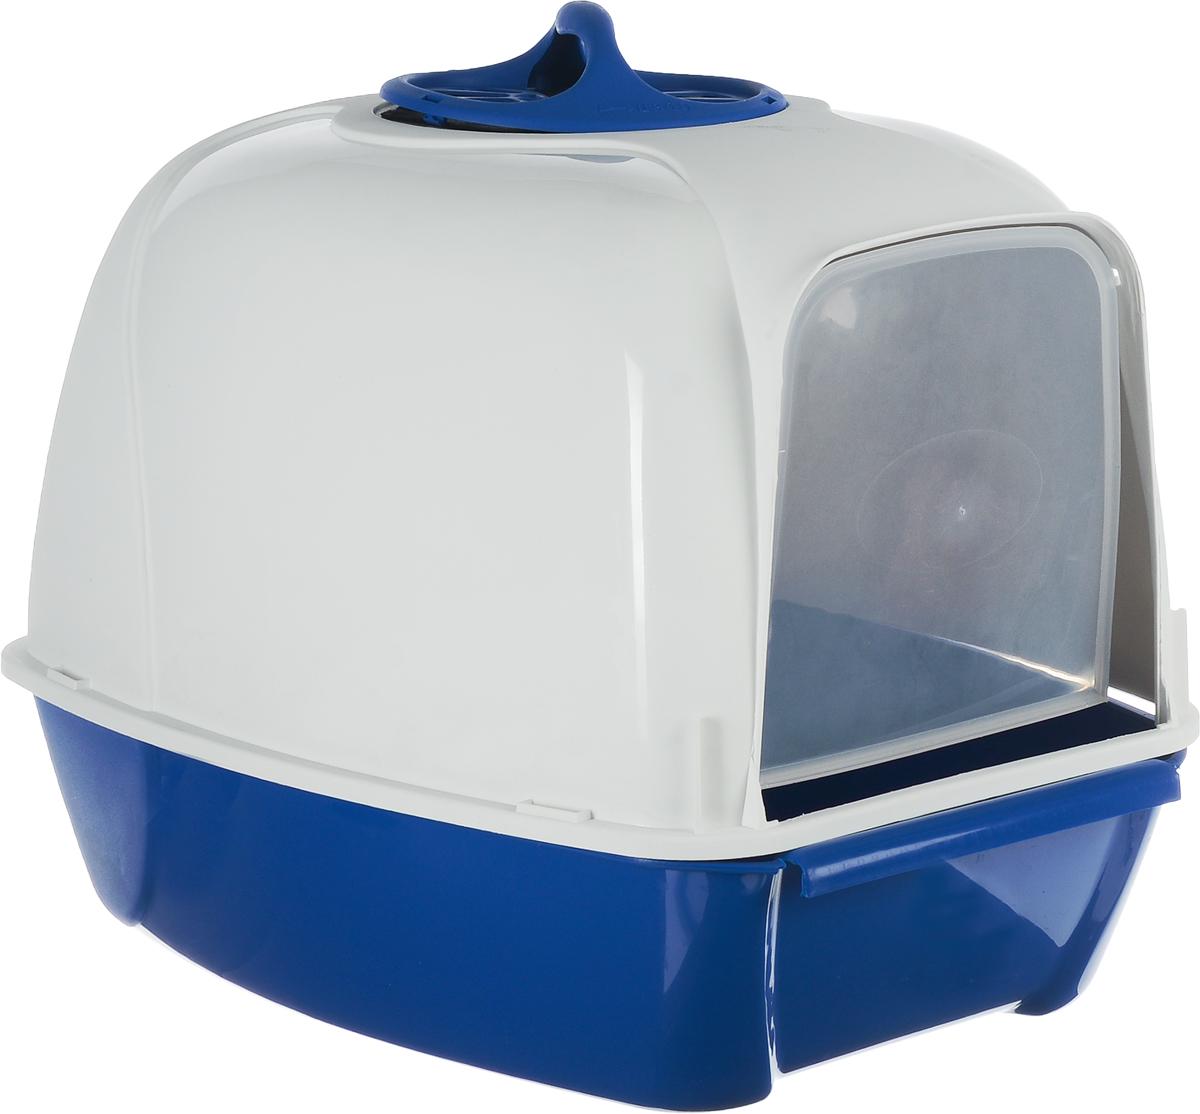 Био-туалет для кошек MPS Pixi, цвет: белый, синий, 52 х 39 х 39 смS07010103_синийБио-туалет для кошек MPS Pixi, выполненный из нетоксичного пластика в виде домика, поможет вашему питомцу уединиться для удовлетворения своих физиологических потребностей. Туалет оснащен съемной дверцей из прозрачного пластика, которую ваш питомец сможет открыть без труда. Био-туалет не распространяет неприятные запахи, благодаря встроенному угольному фильтру. Кроме того, он обеспечит чистоту в вашей квартире, так как не позволит при закапывании разбрасывать кошке наполнитель вокруг туалета. В комплект входит удобная ручка для переноски.Есть возможность замены угольного фильтра (продается отдельно). Товар сертифицирован.